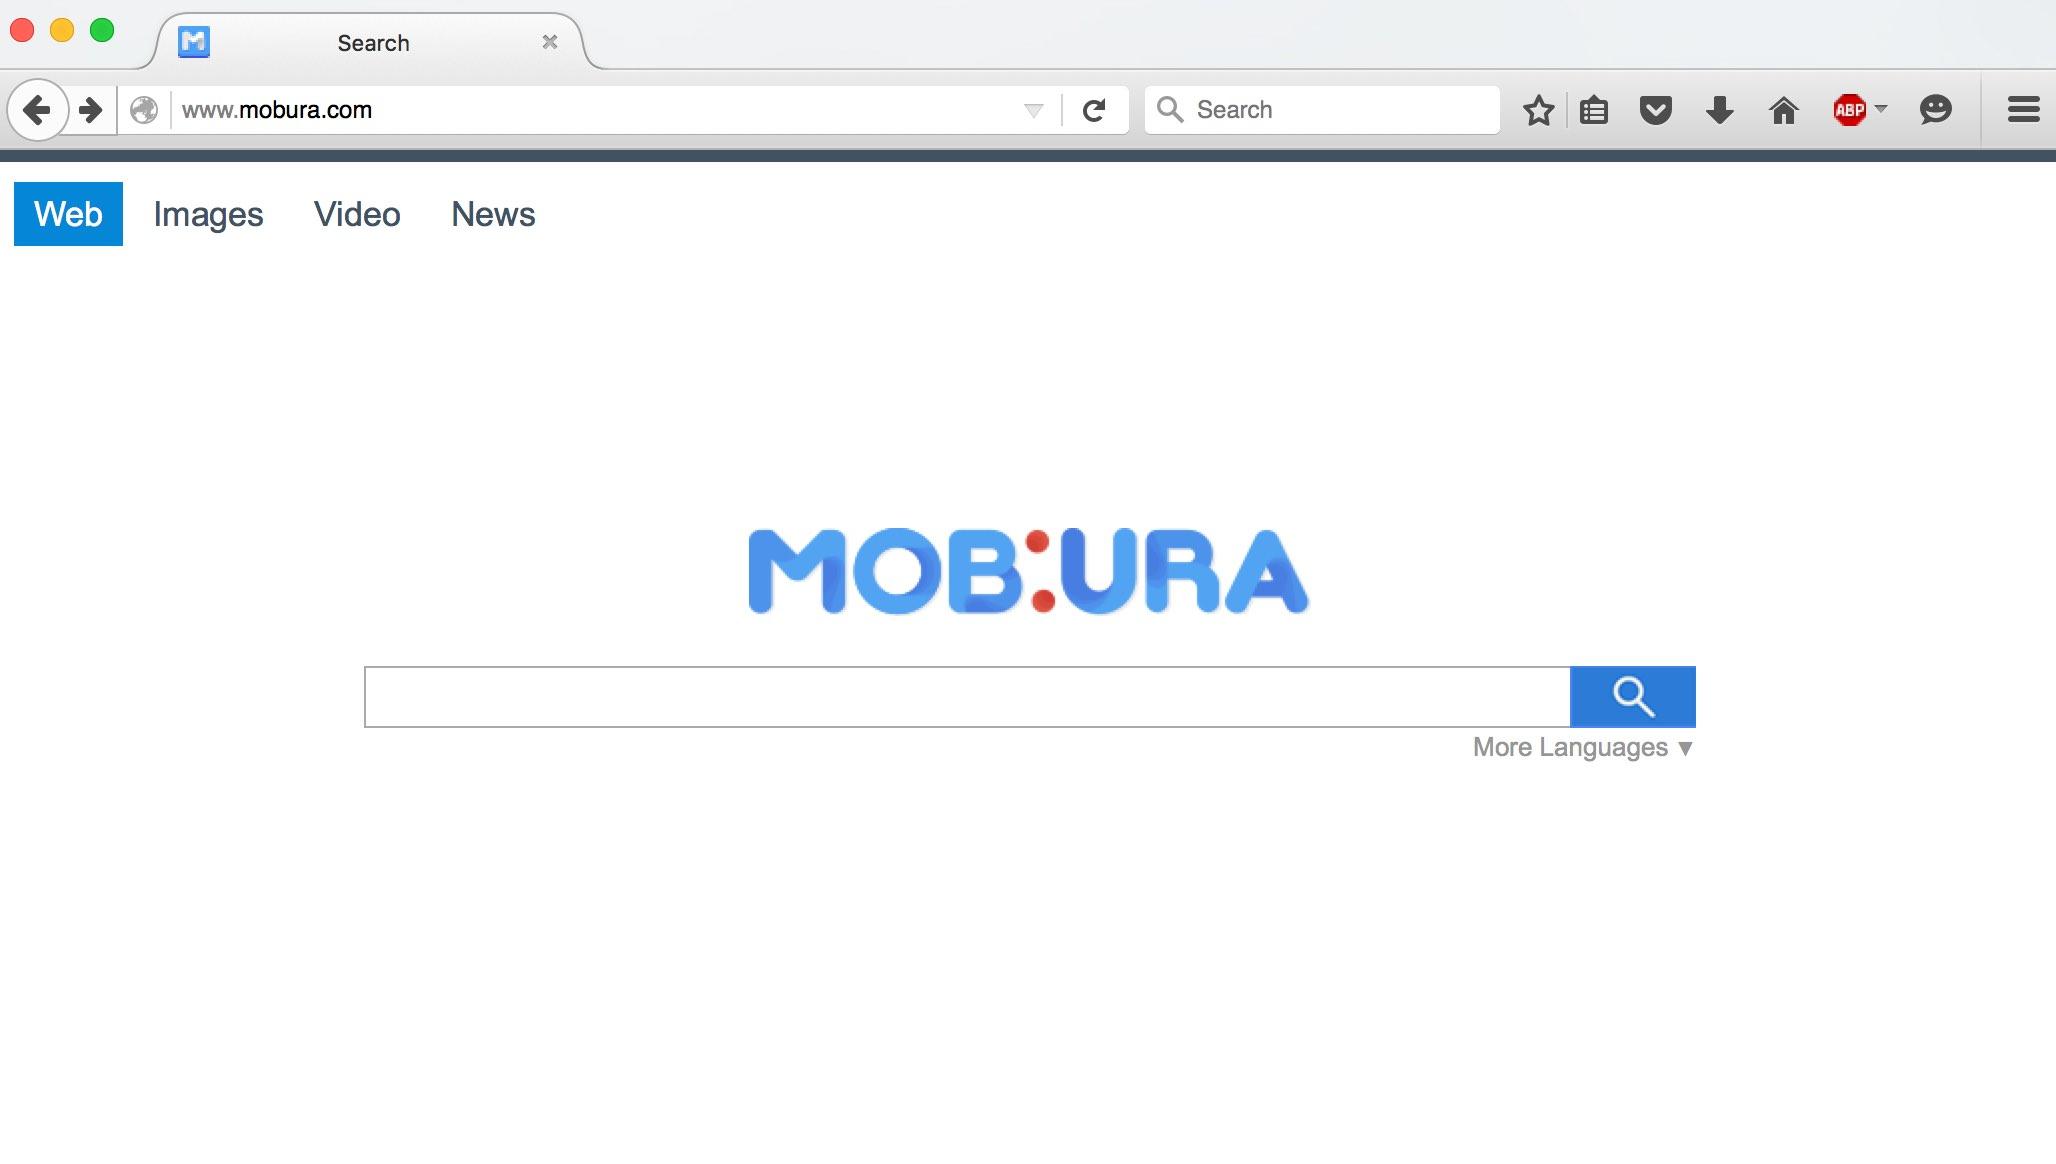 mobura.com malware